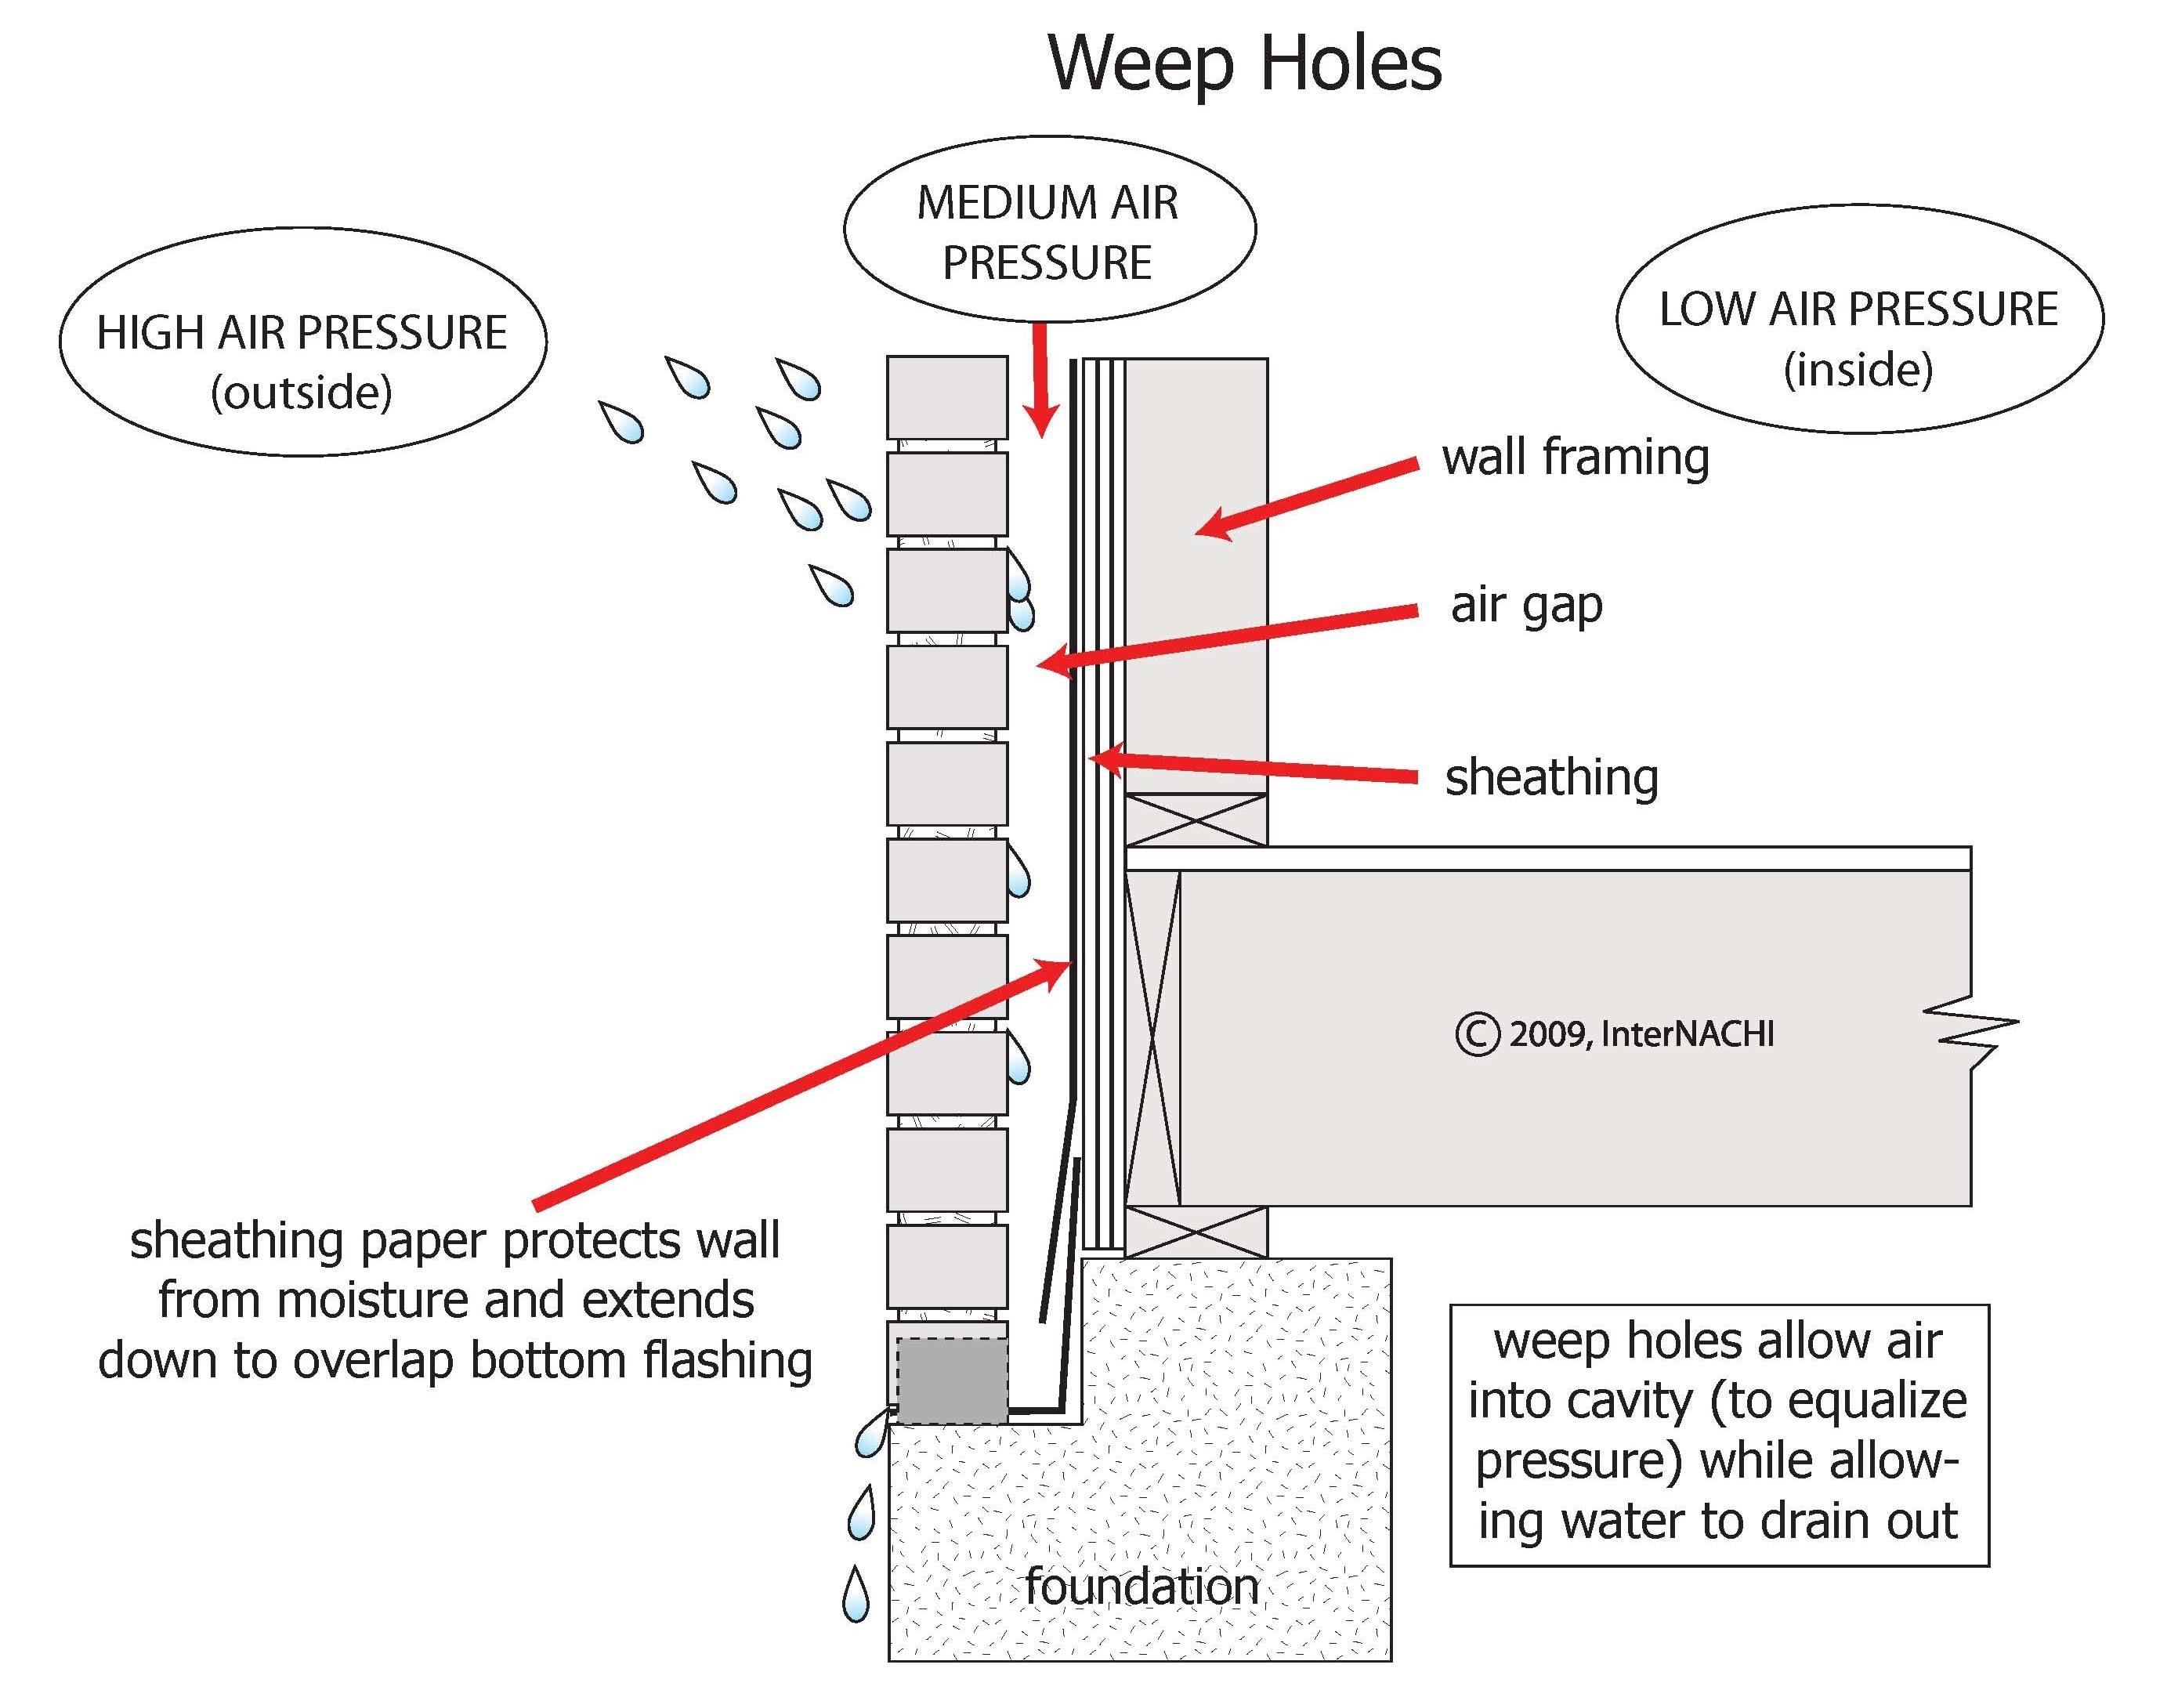 Weep holes.